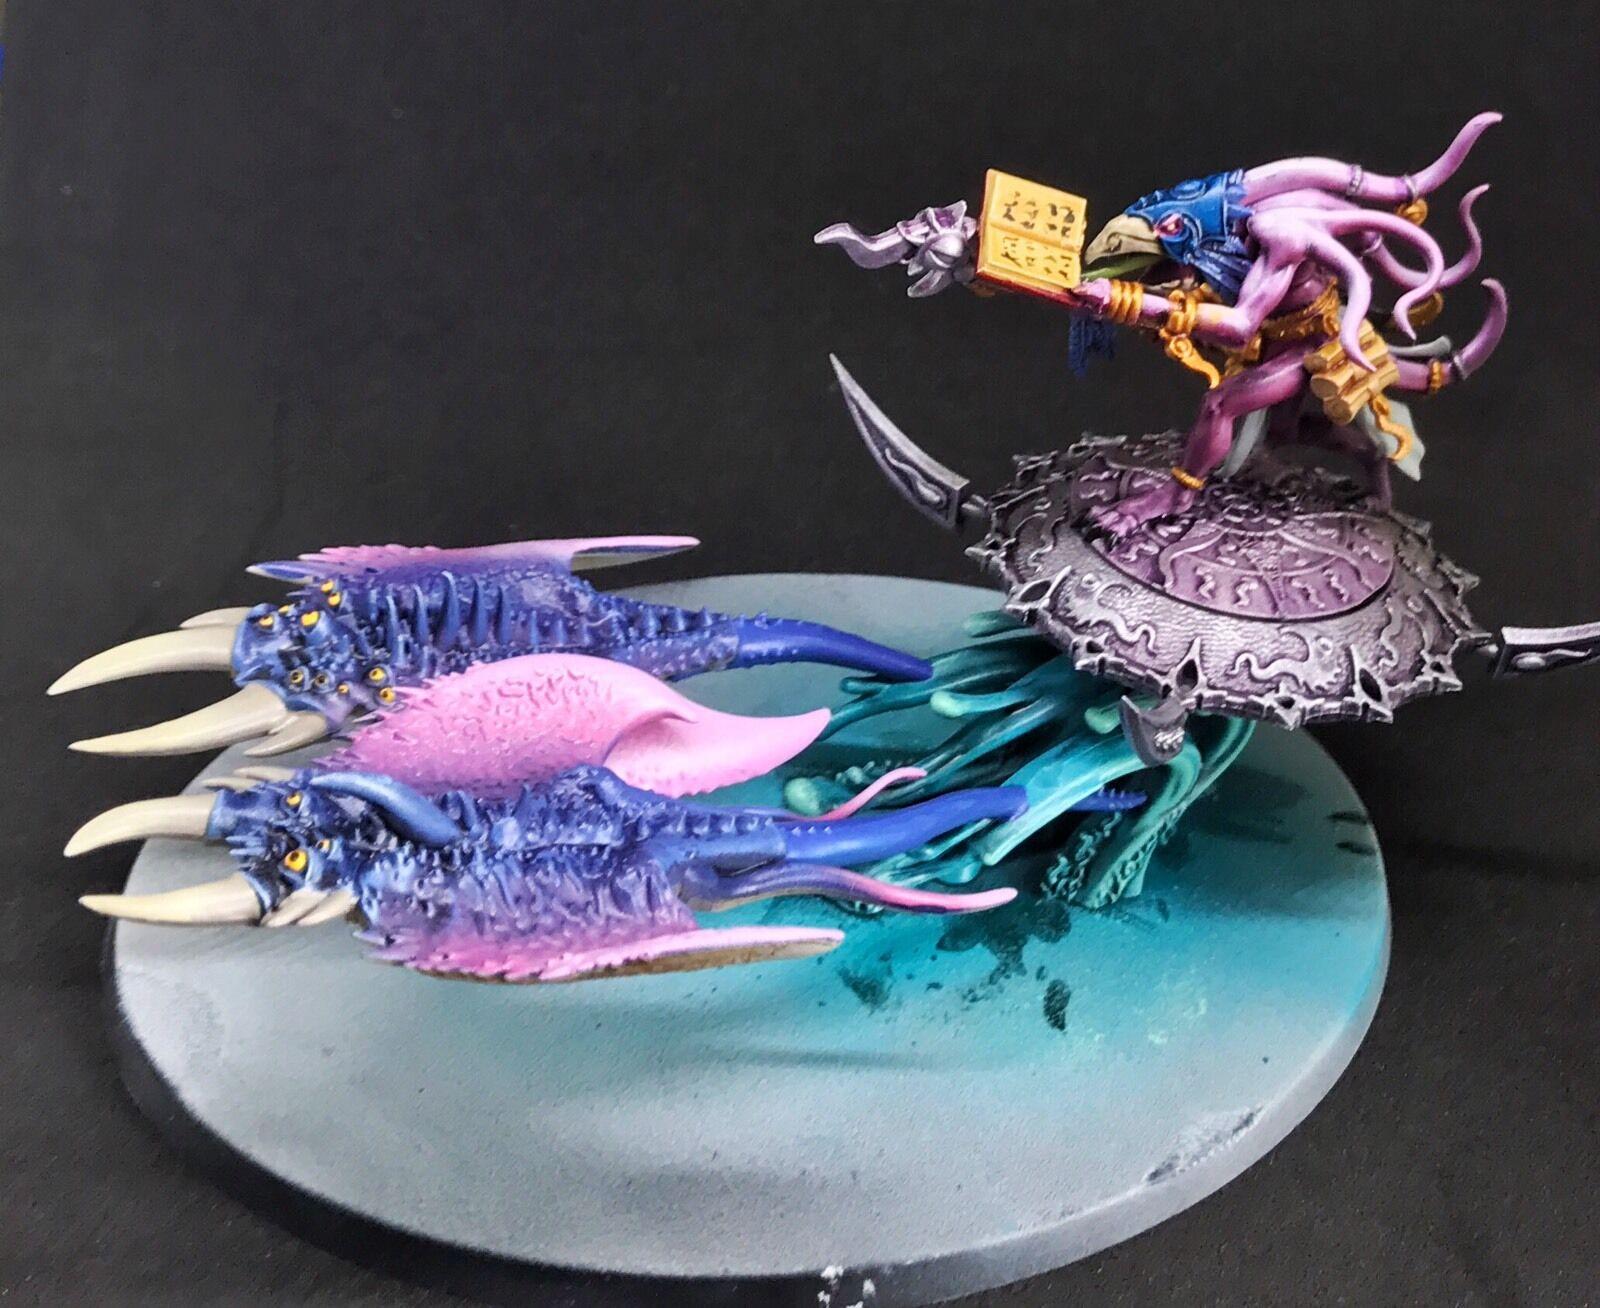 Herald of tzeentch sur Flaming chariot-Pro peint à la commande